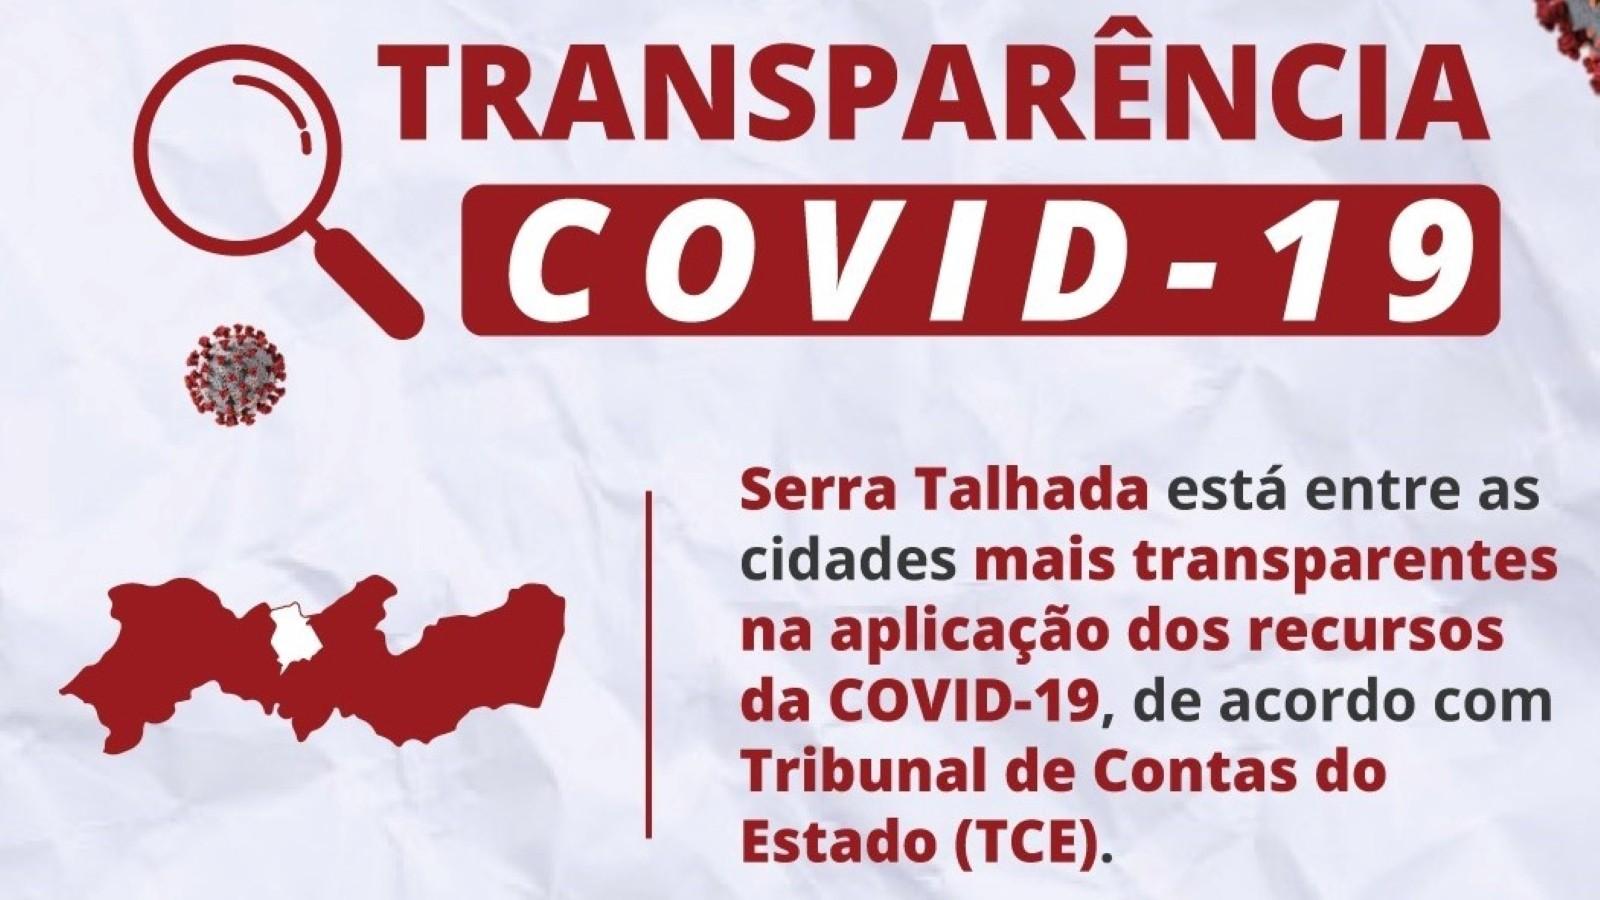 Serra Talhada comemora posição no ranking de transparência da Covid-19 do TCE-PE